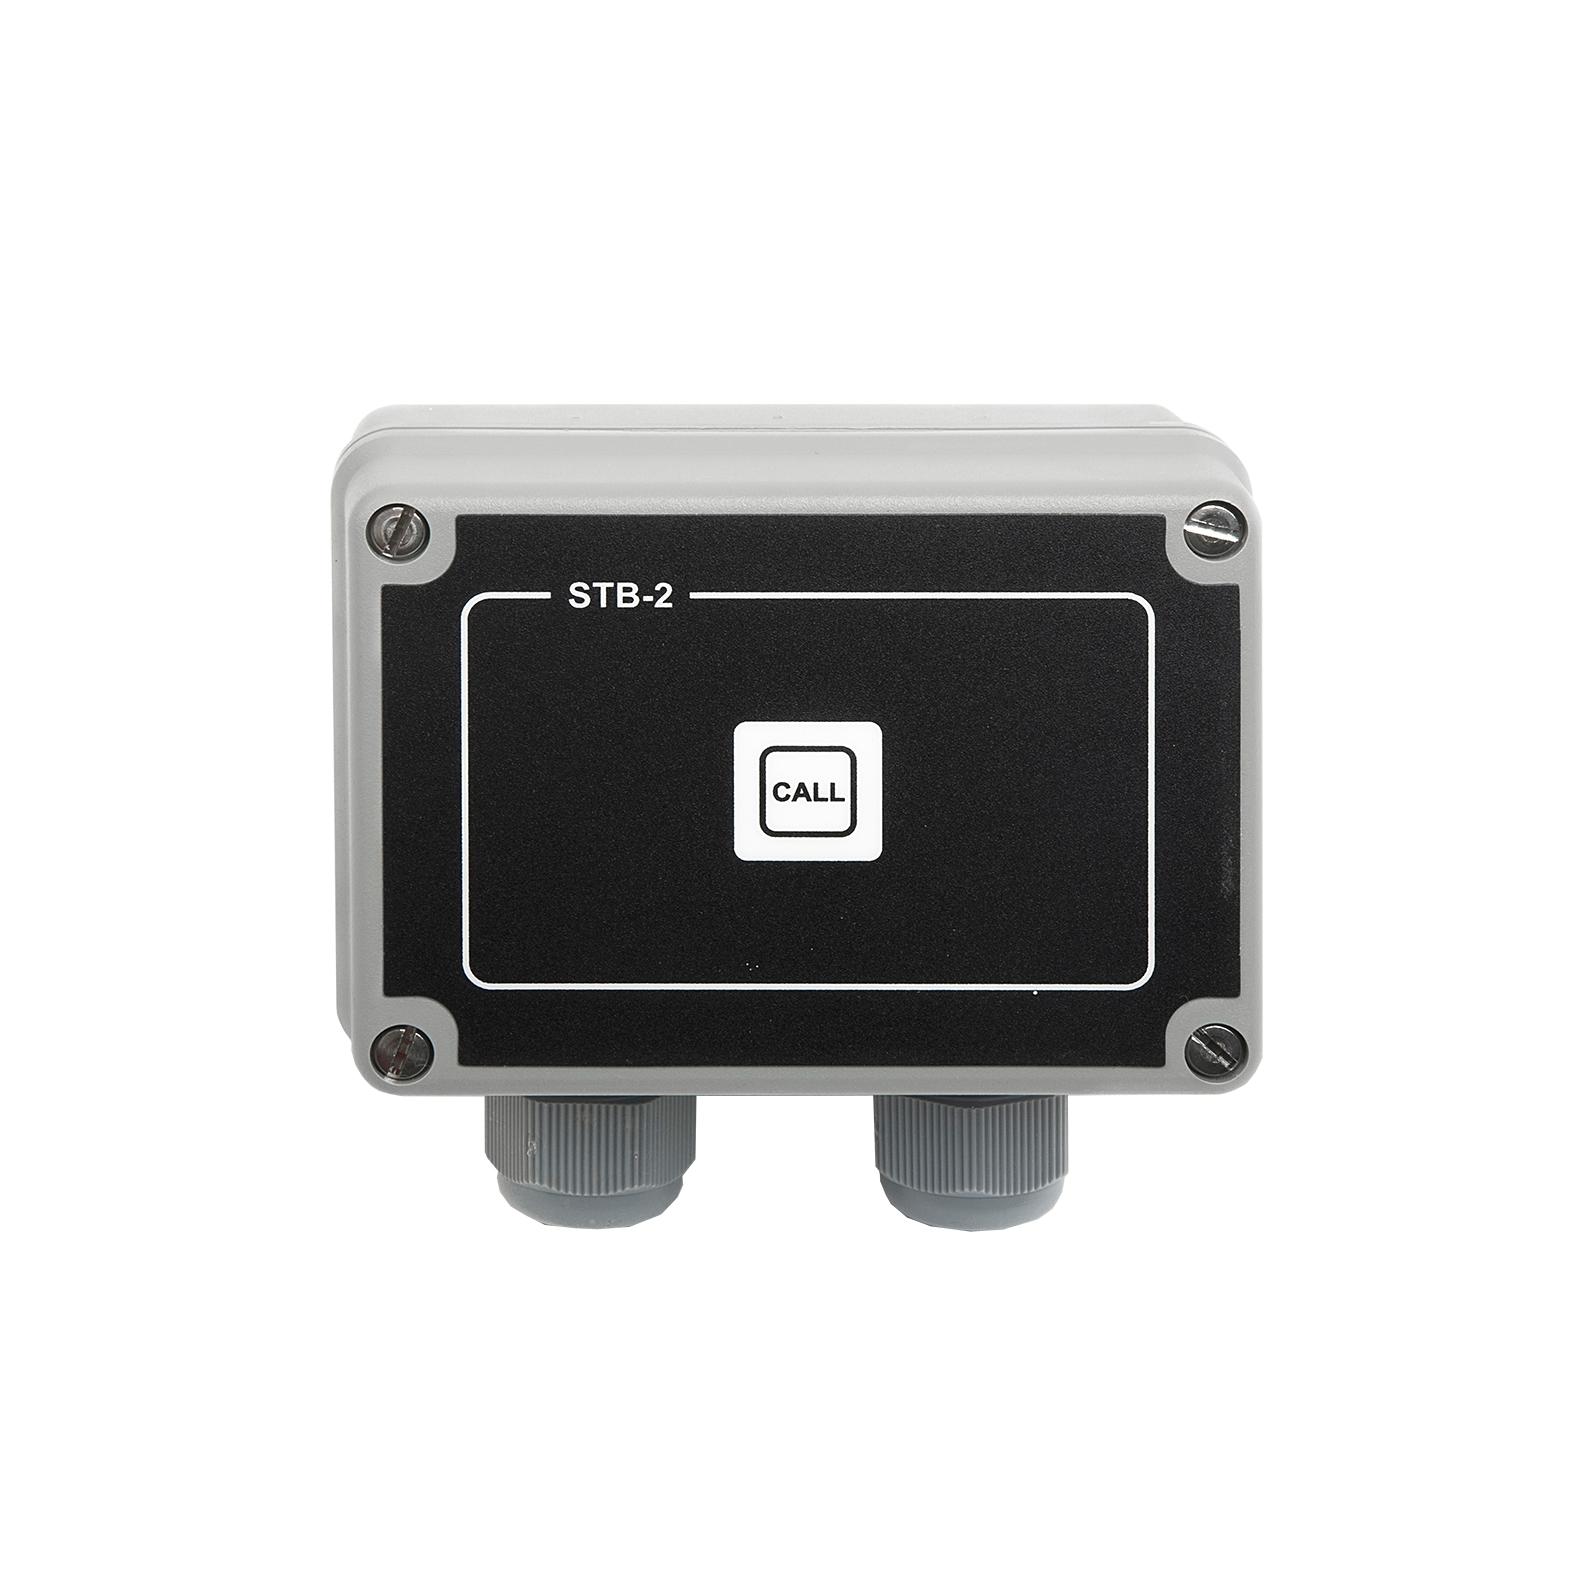 STB-2 | Zenitel